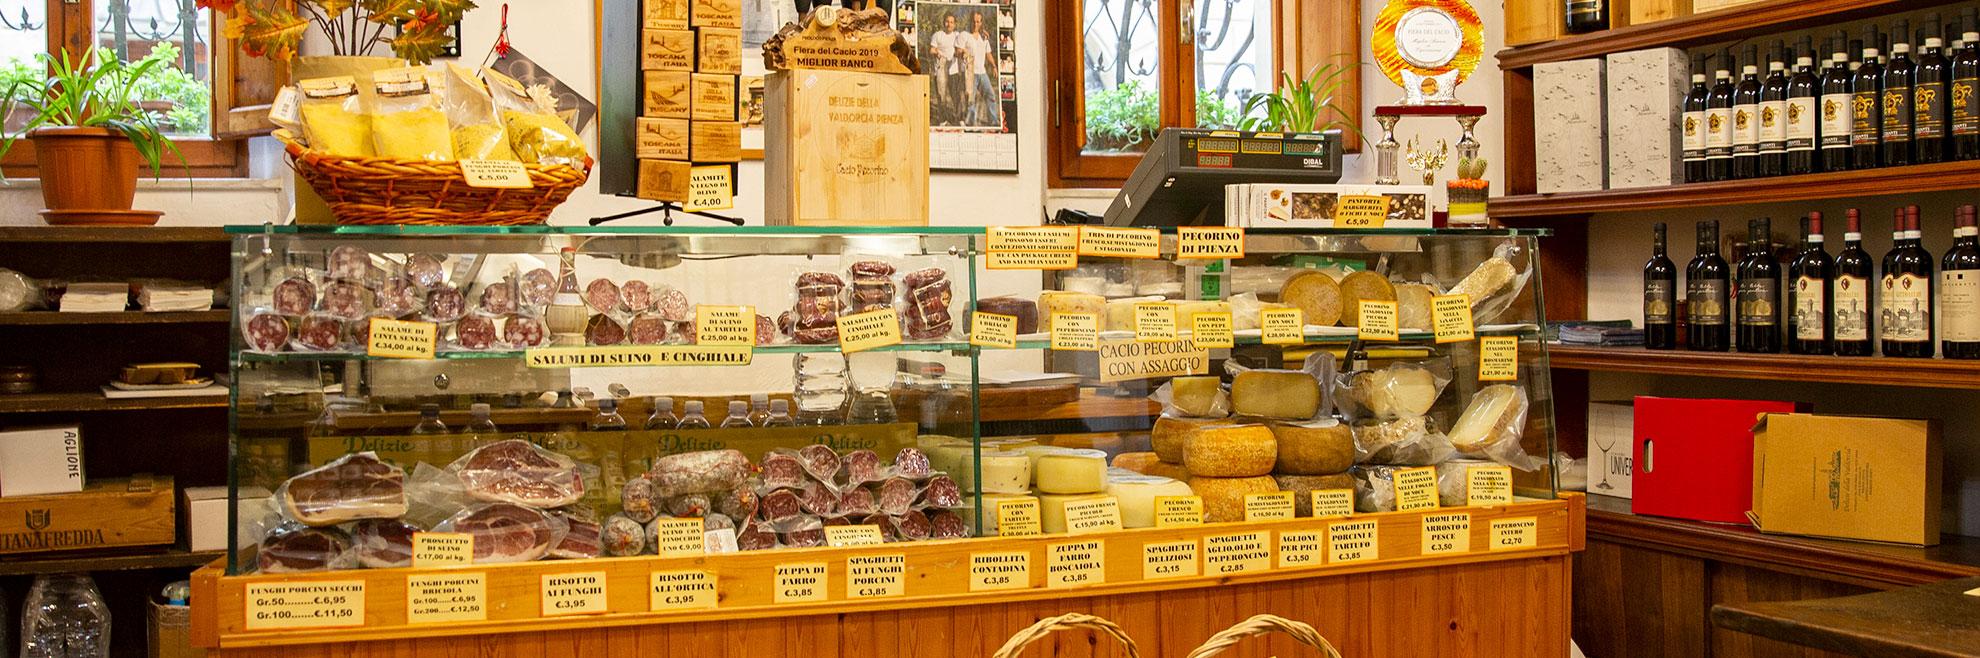 prodotti-tipici-toscani-pienza